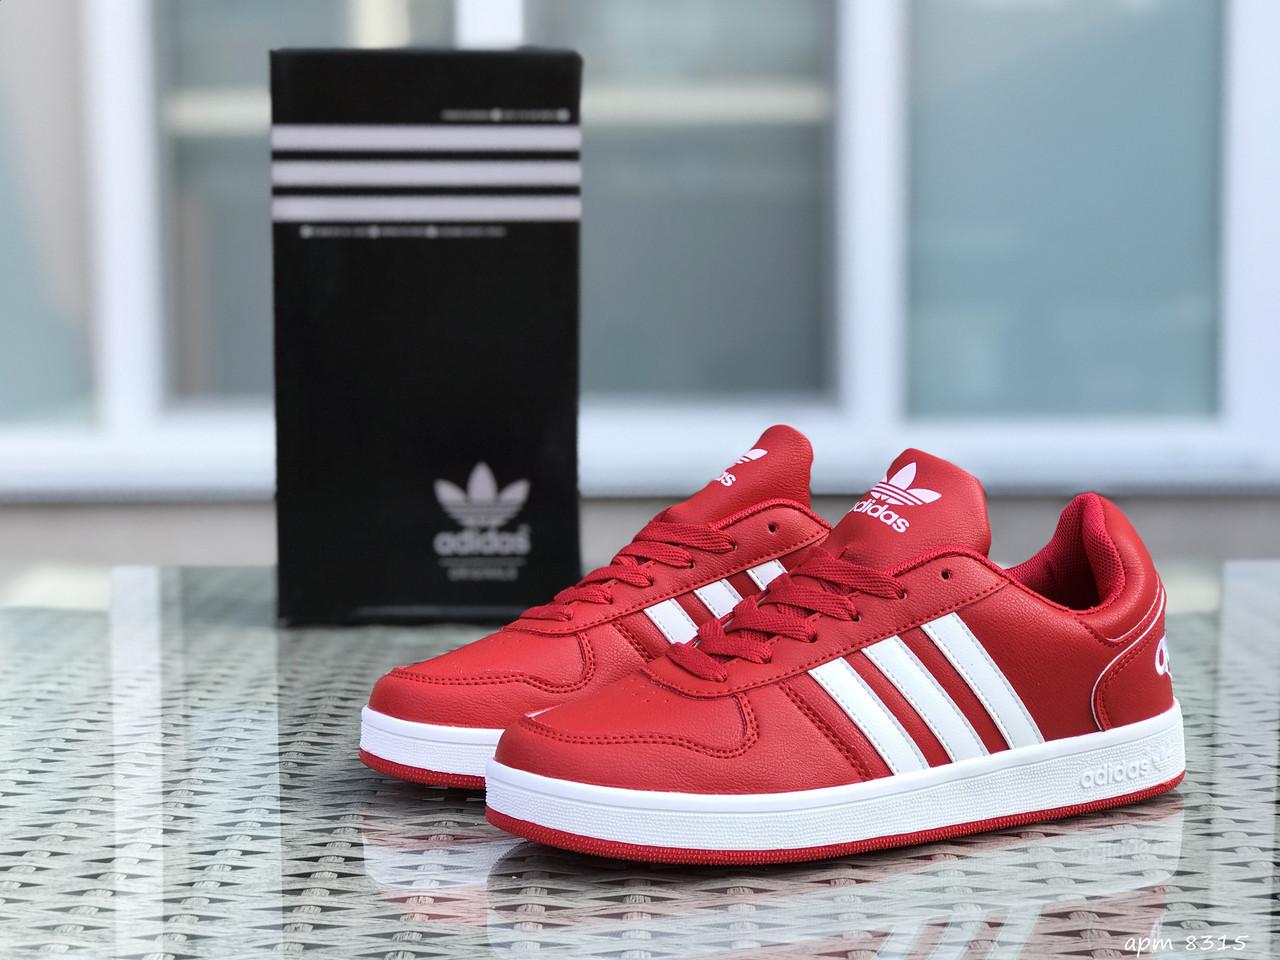 Кросівки чоловічі в стилі Adidas La marque   червоні  ТОП якість